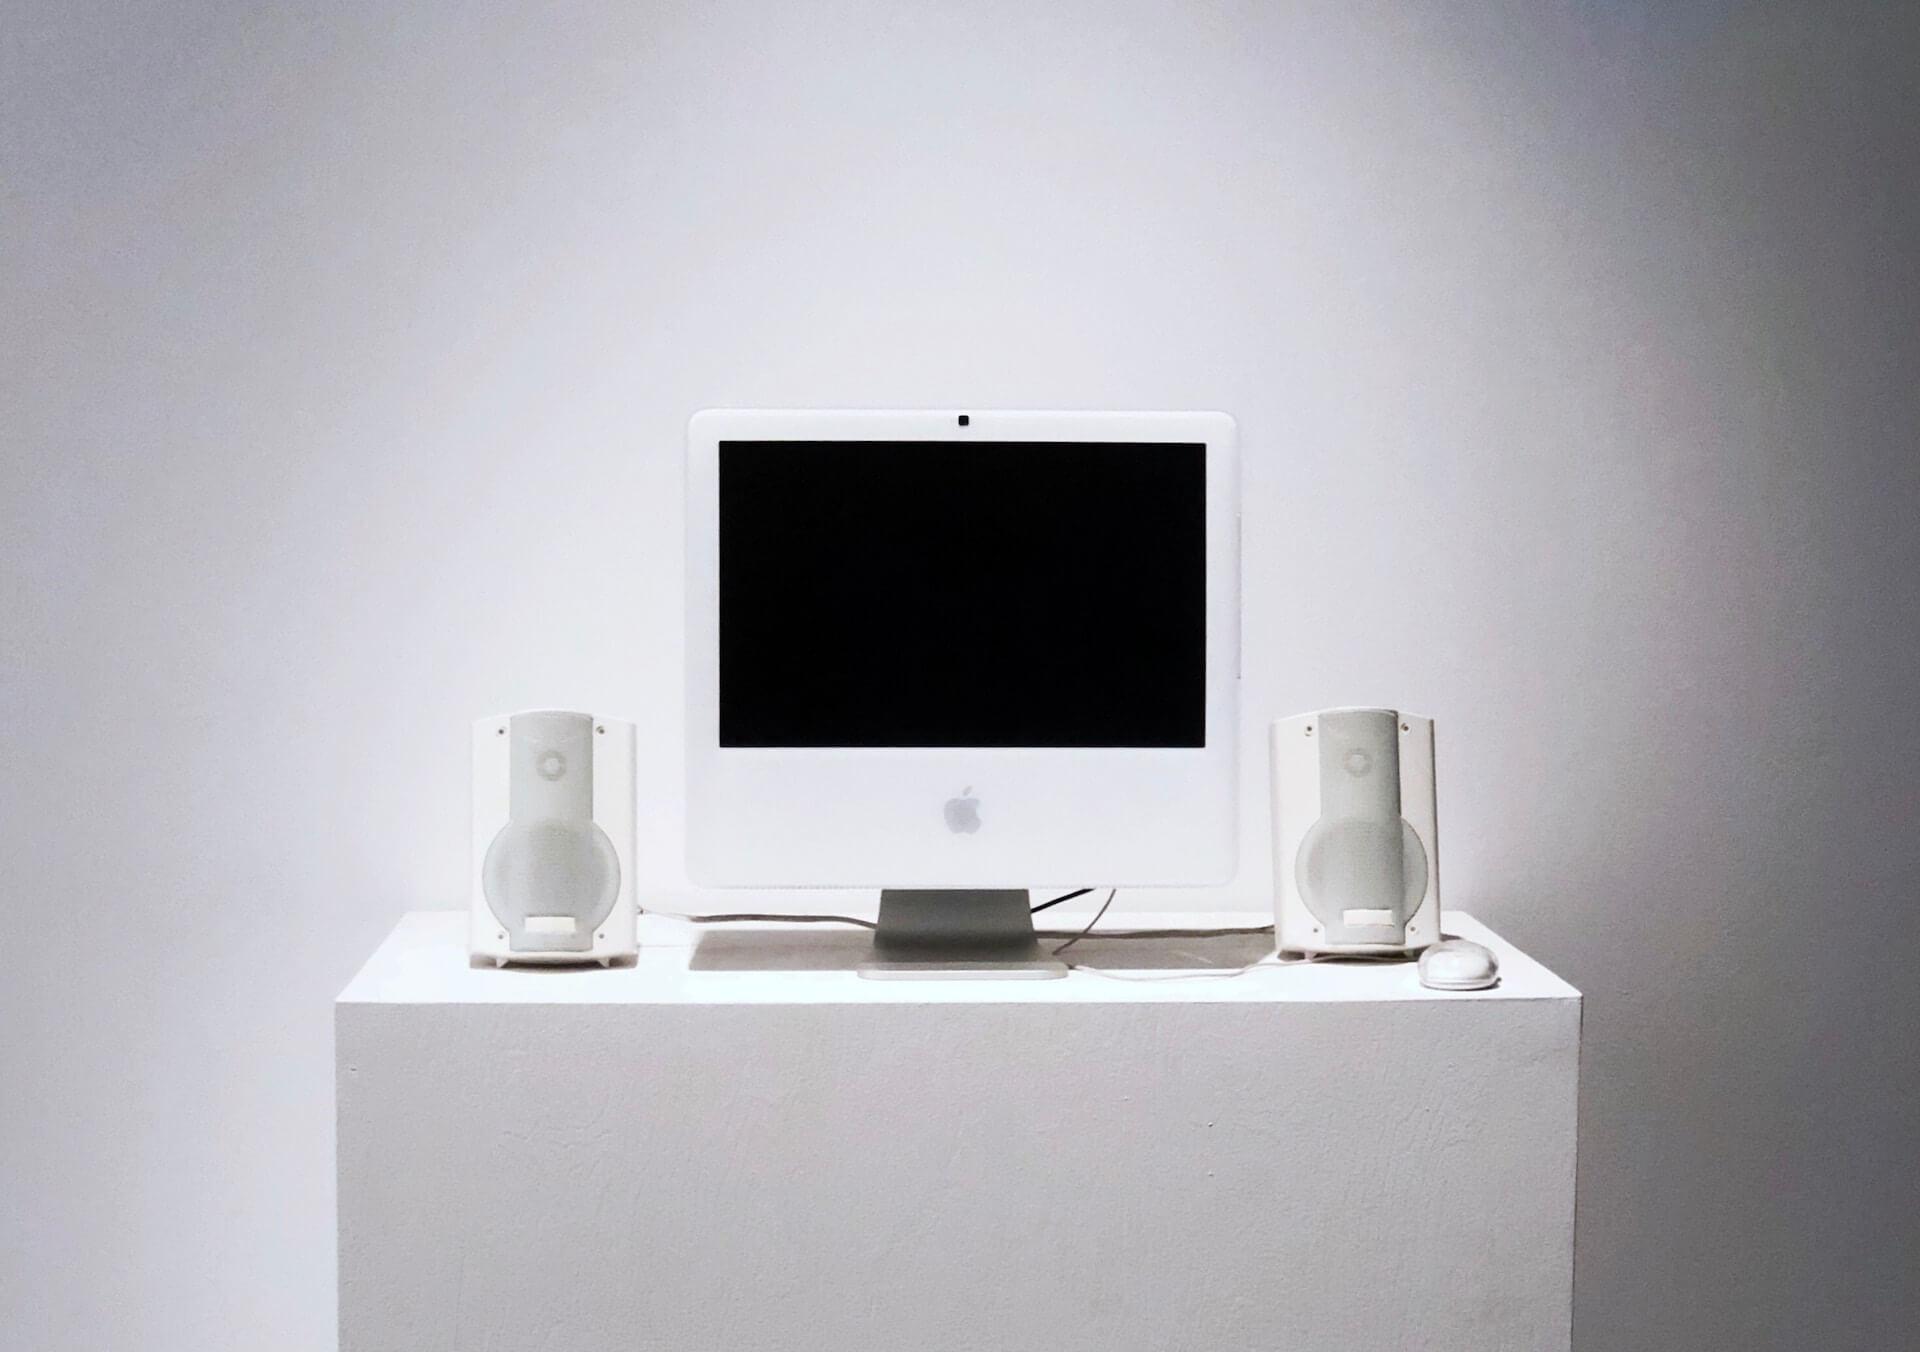 14年前の17インチiMacがAppleのオンラインストアで販売されるバグが発生? tech200114_imac_main